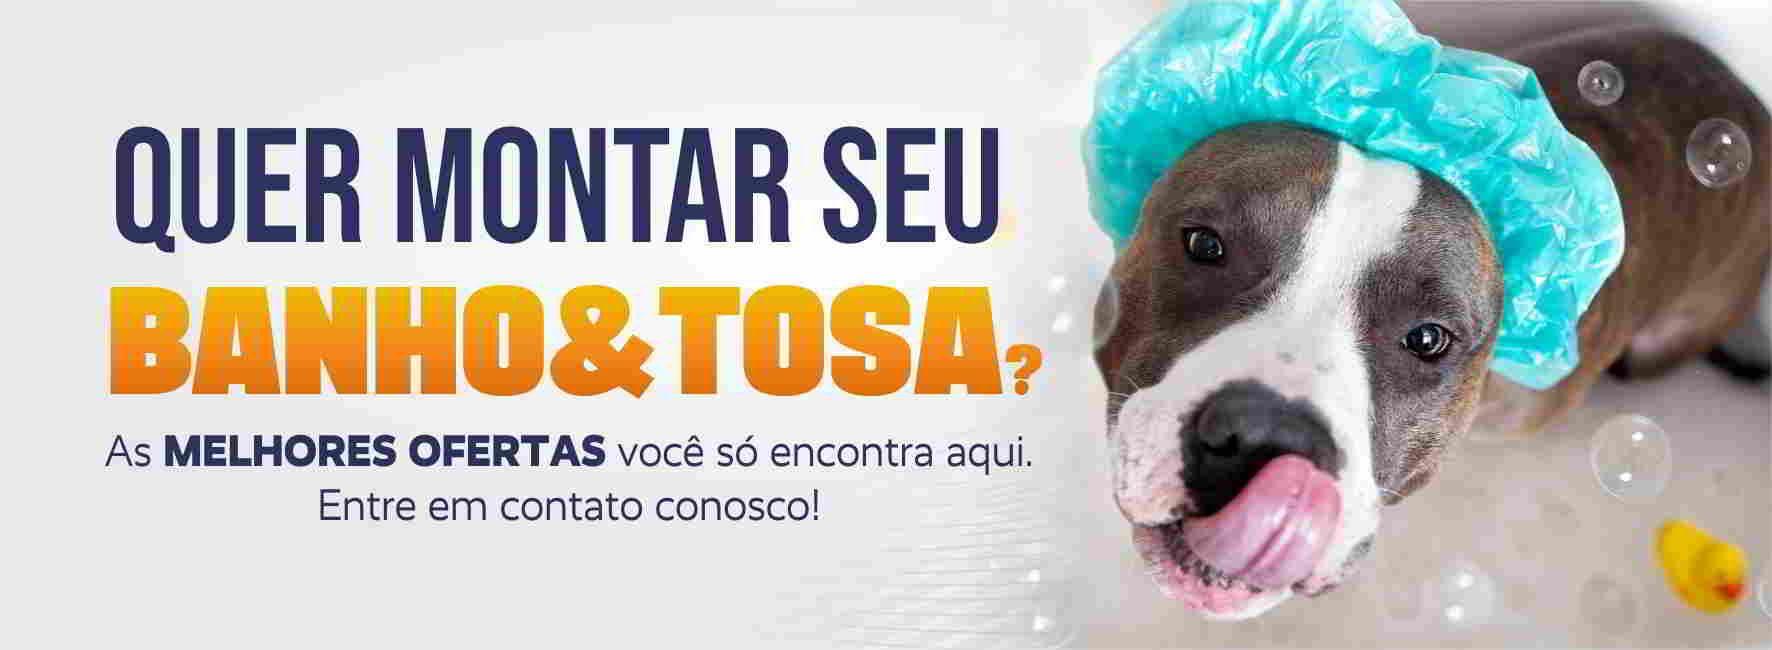 Montar Banho e Tosa, monte seu pet shop conosco, monte aqui seu pet shop